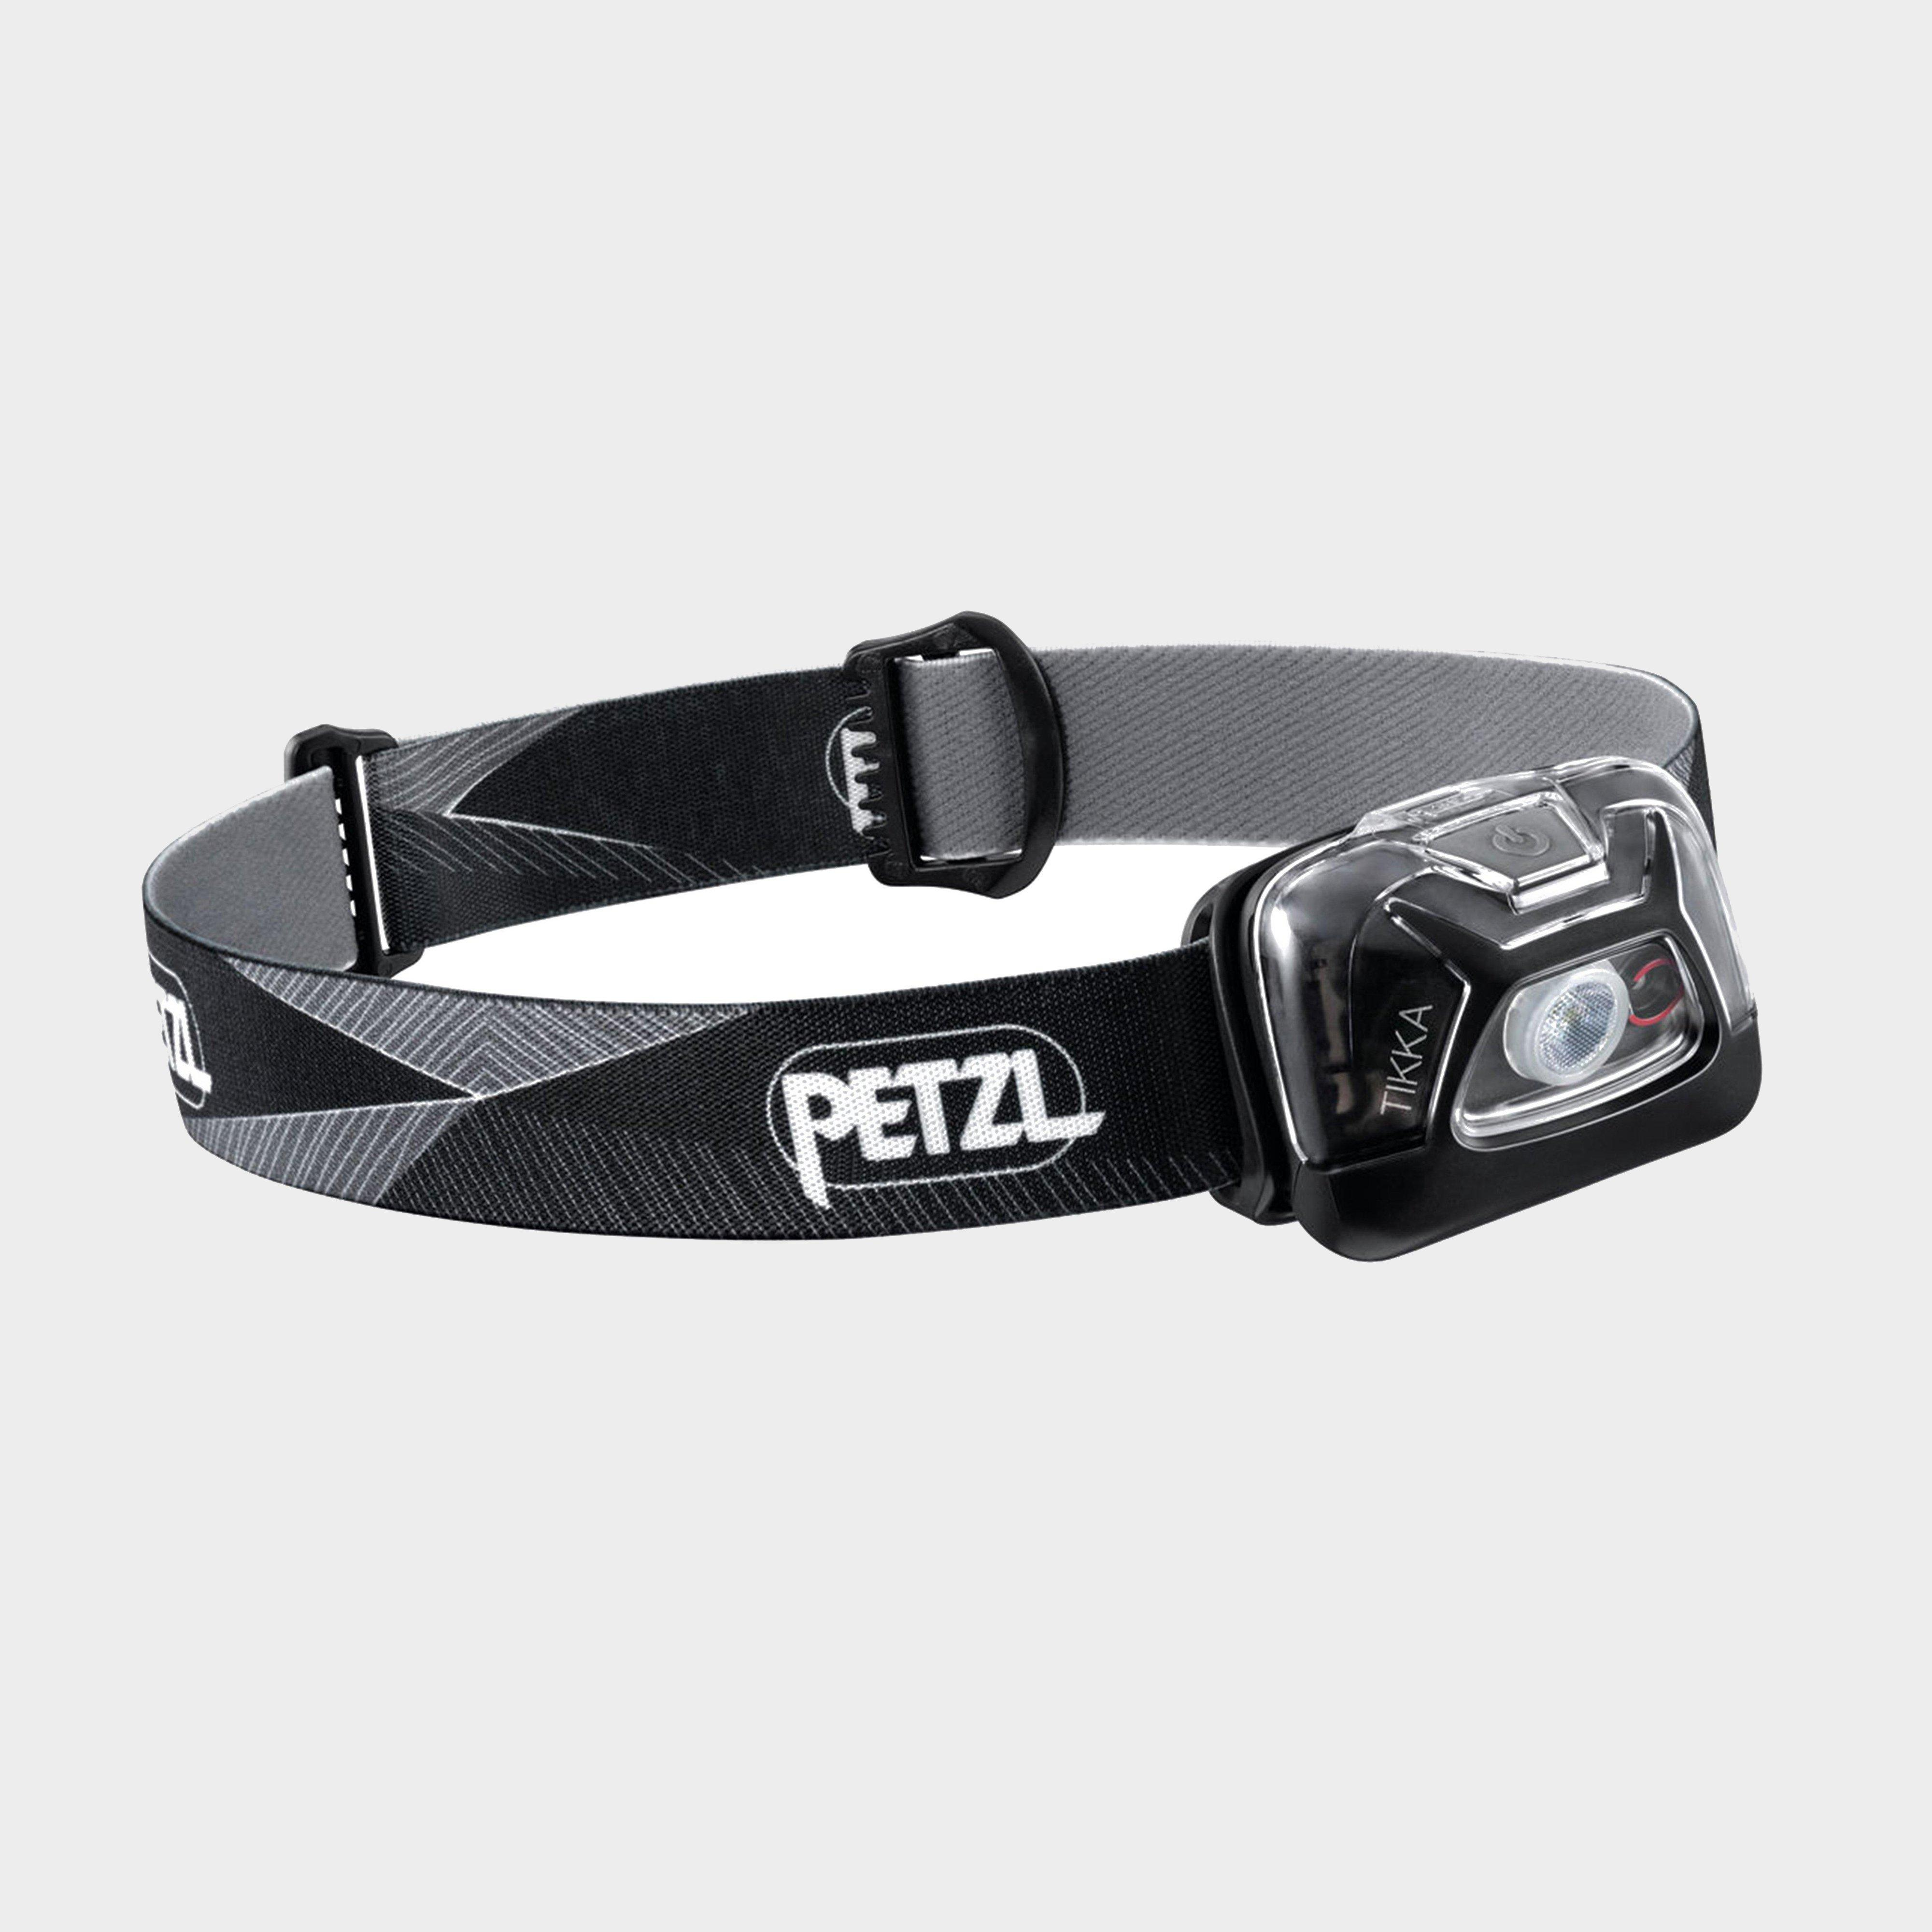 Petzl Petzl Tikka Headtorch - Black, Black